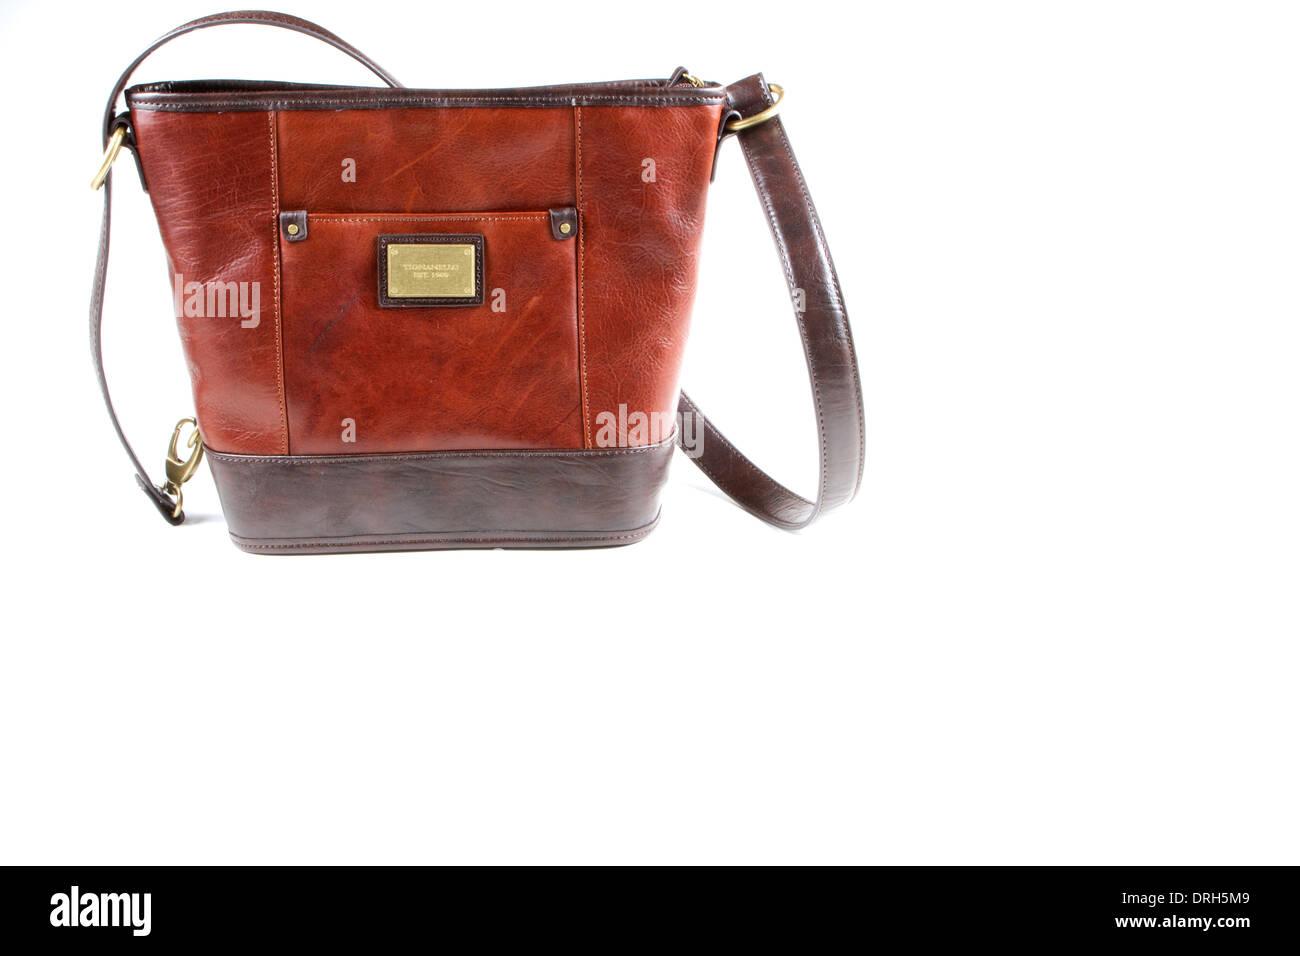 37267095558cd Damen Leder Braun Tignanello Handtasche vor einem weißen Hintergrund  isoliert